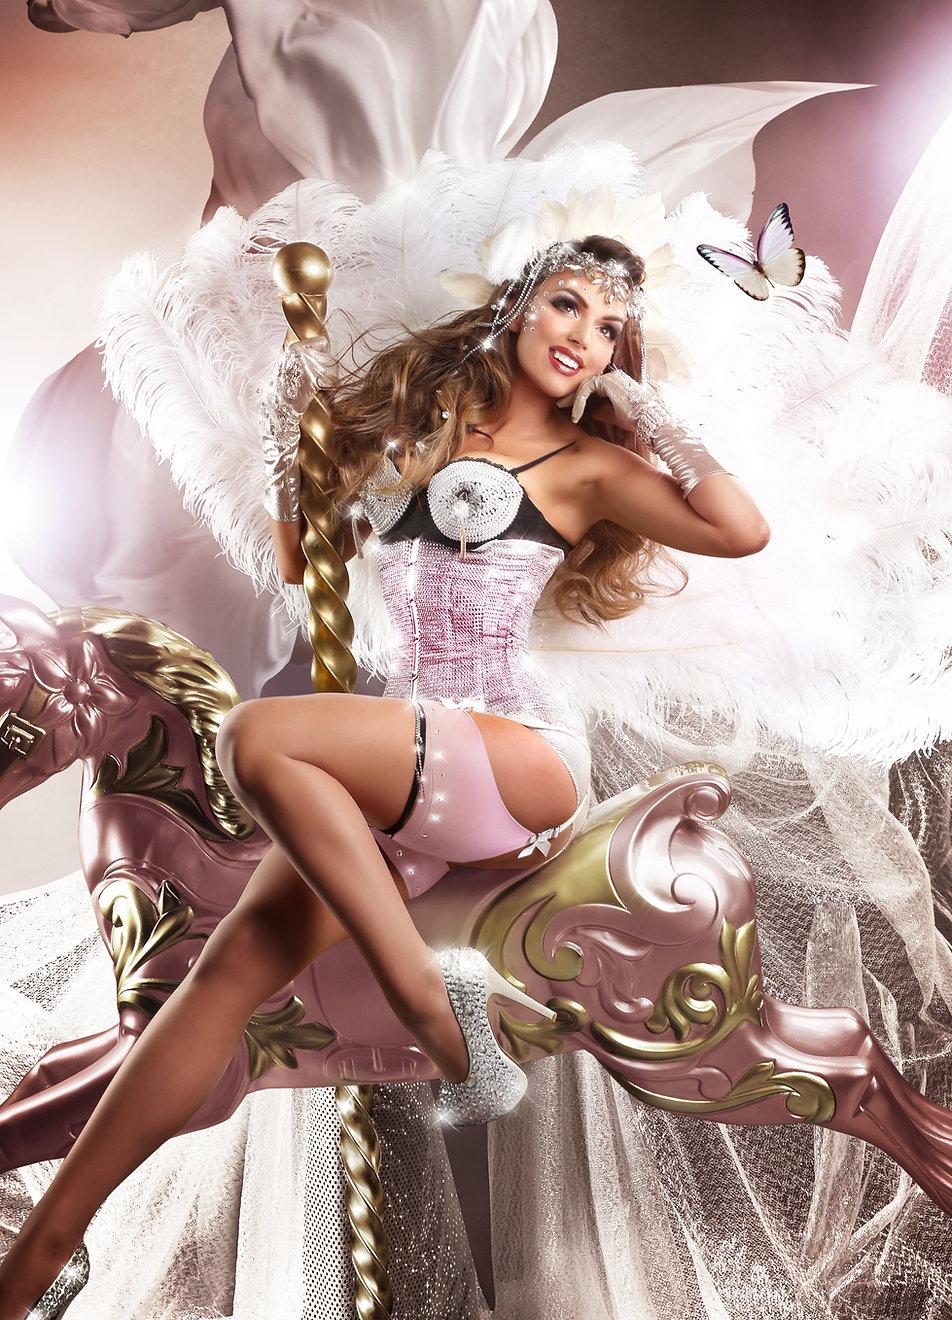 Sarah Loran carousel burlesque.jpg